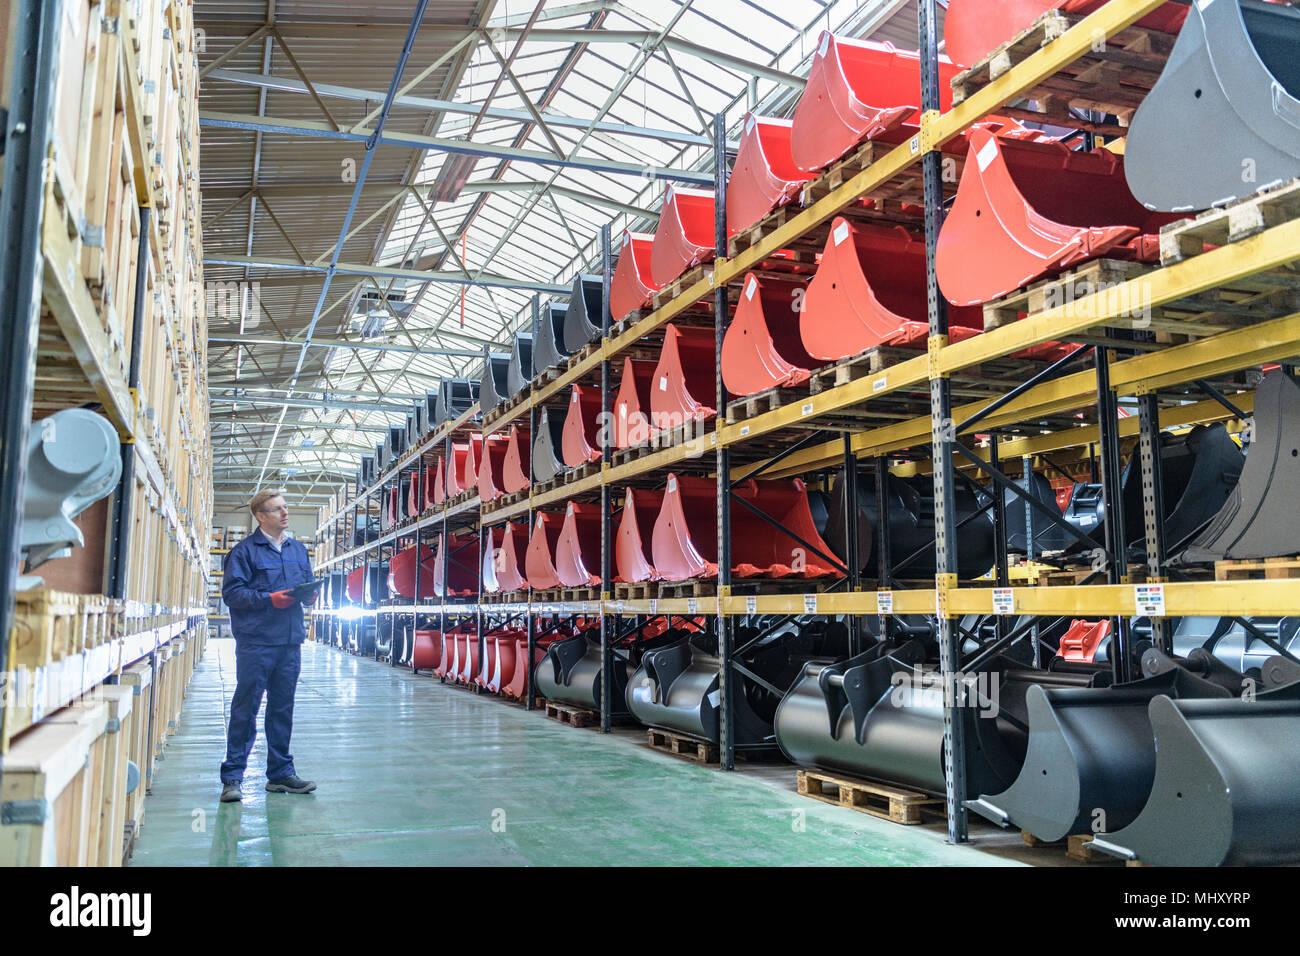 Arbeiter in Speicherplatz in Engineering Fabrik Stockbild